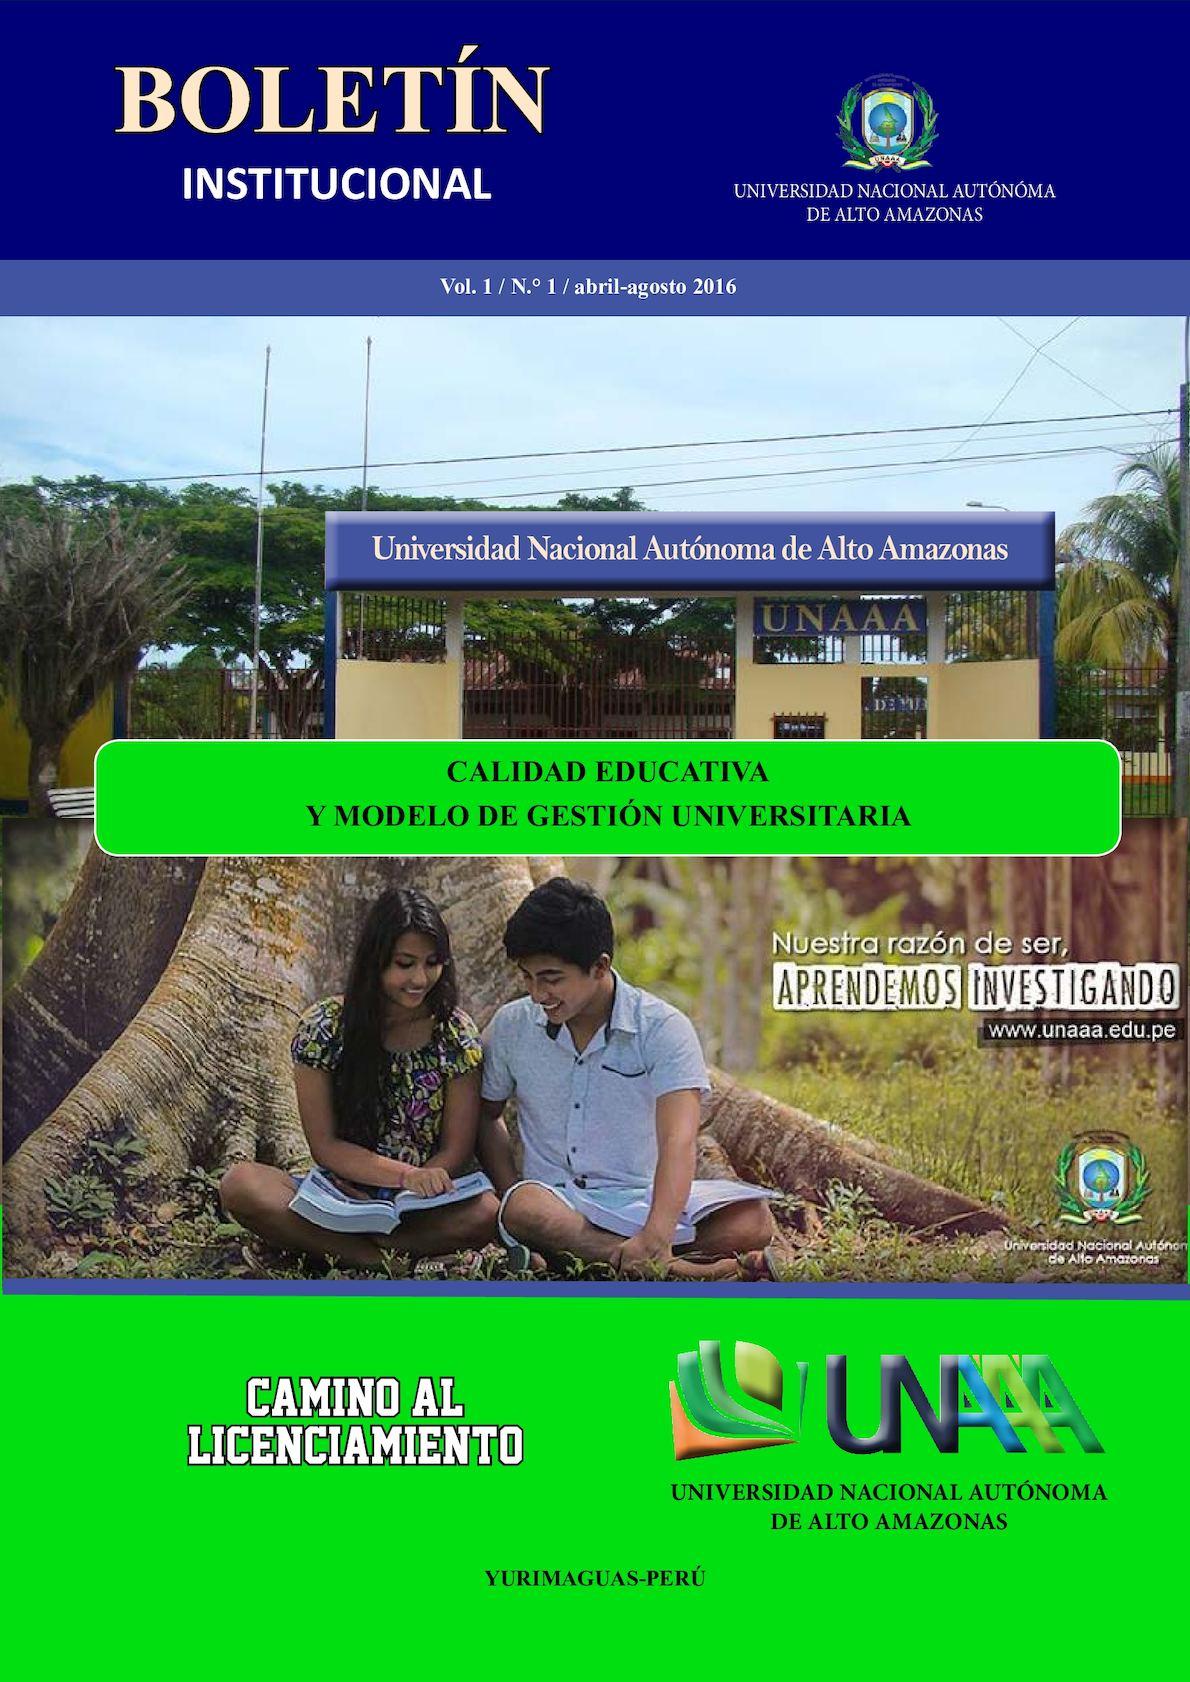 BOLETÍN INSTITUCIONAL DE LA UNIVERSIDAD NACIONAL AUTÓNOMA DE ALTO AMAZONAS (UNAAA)